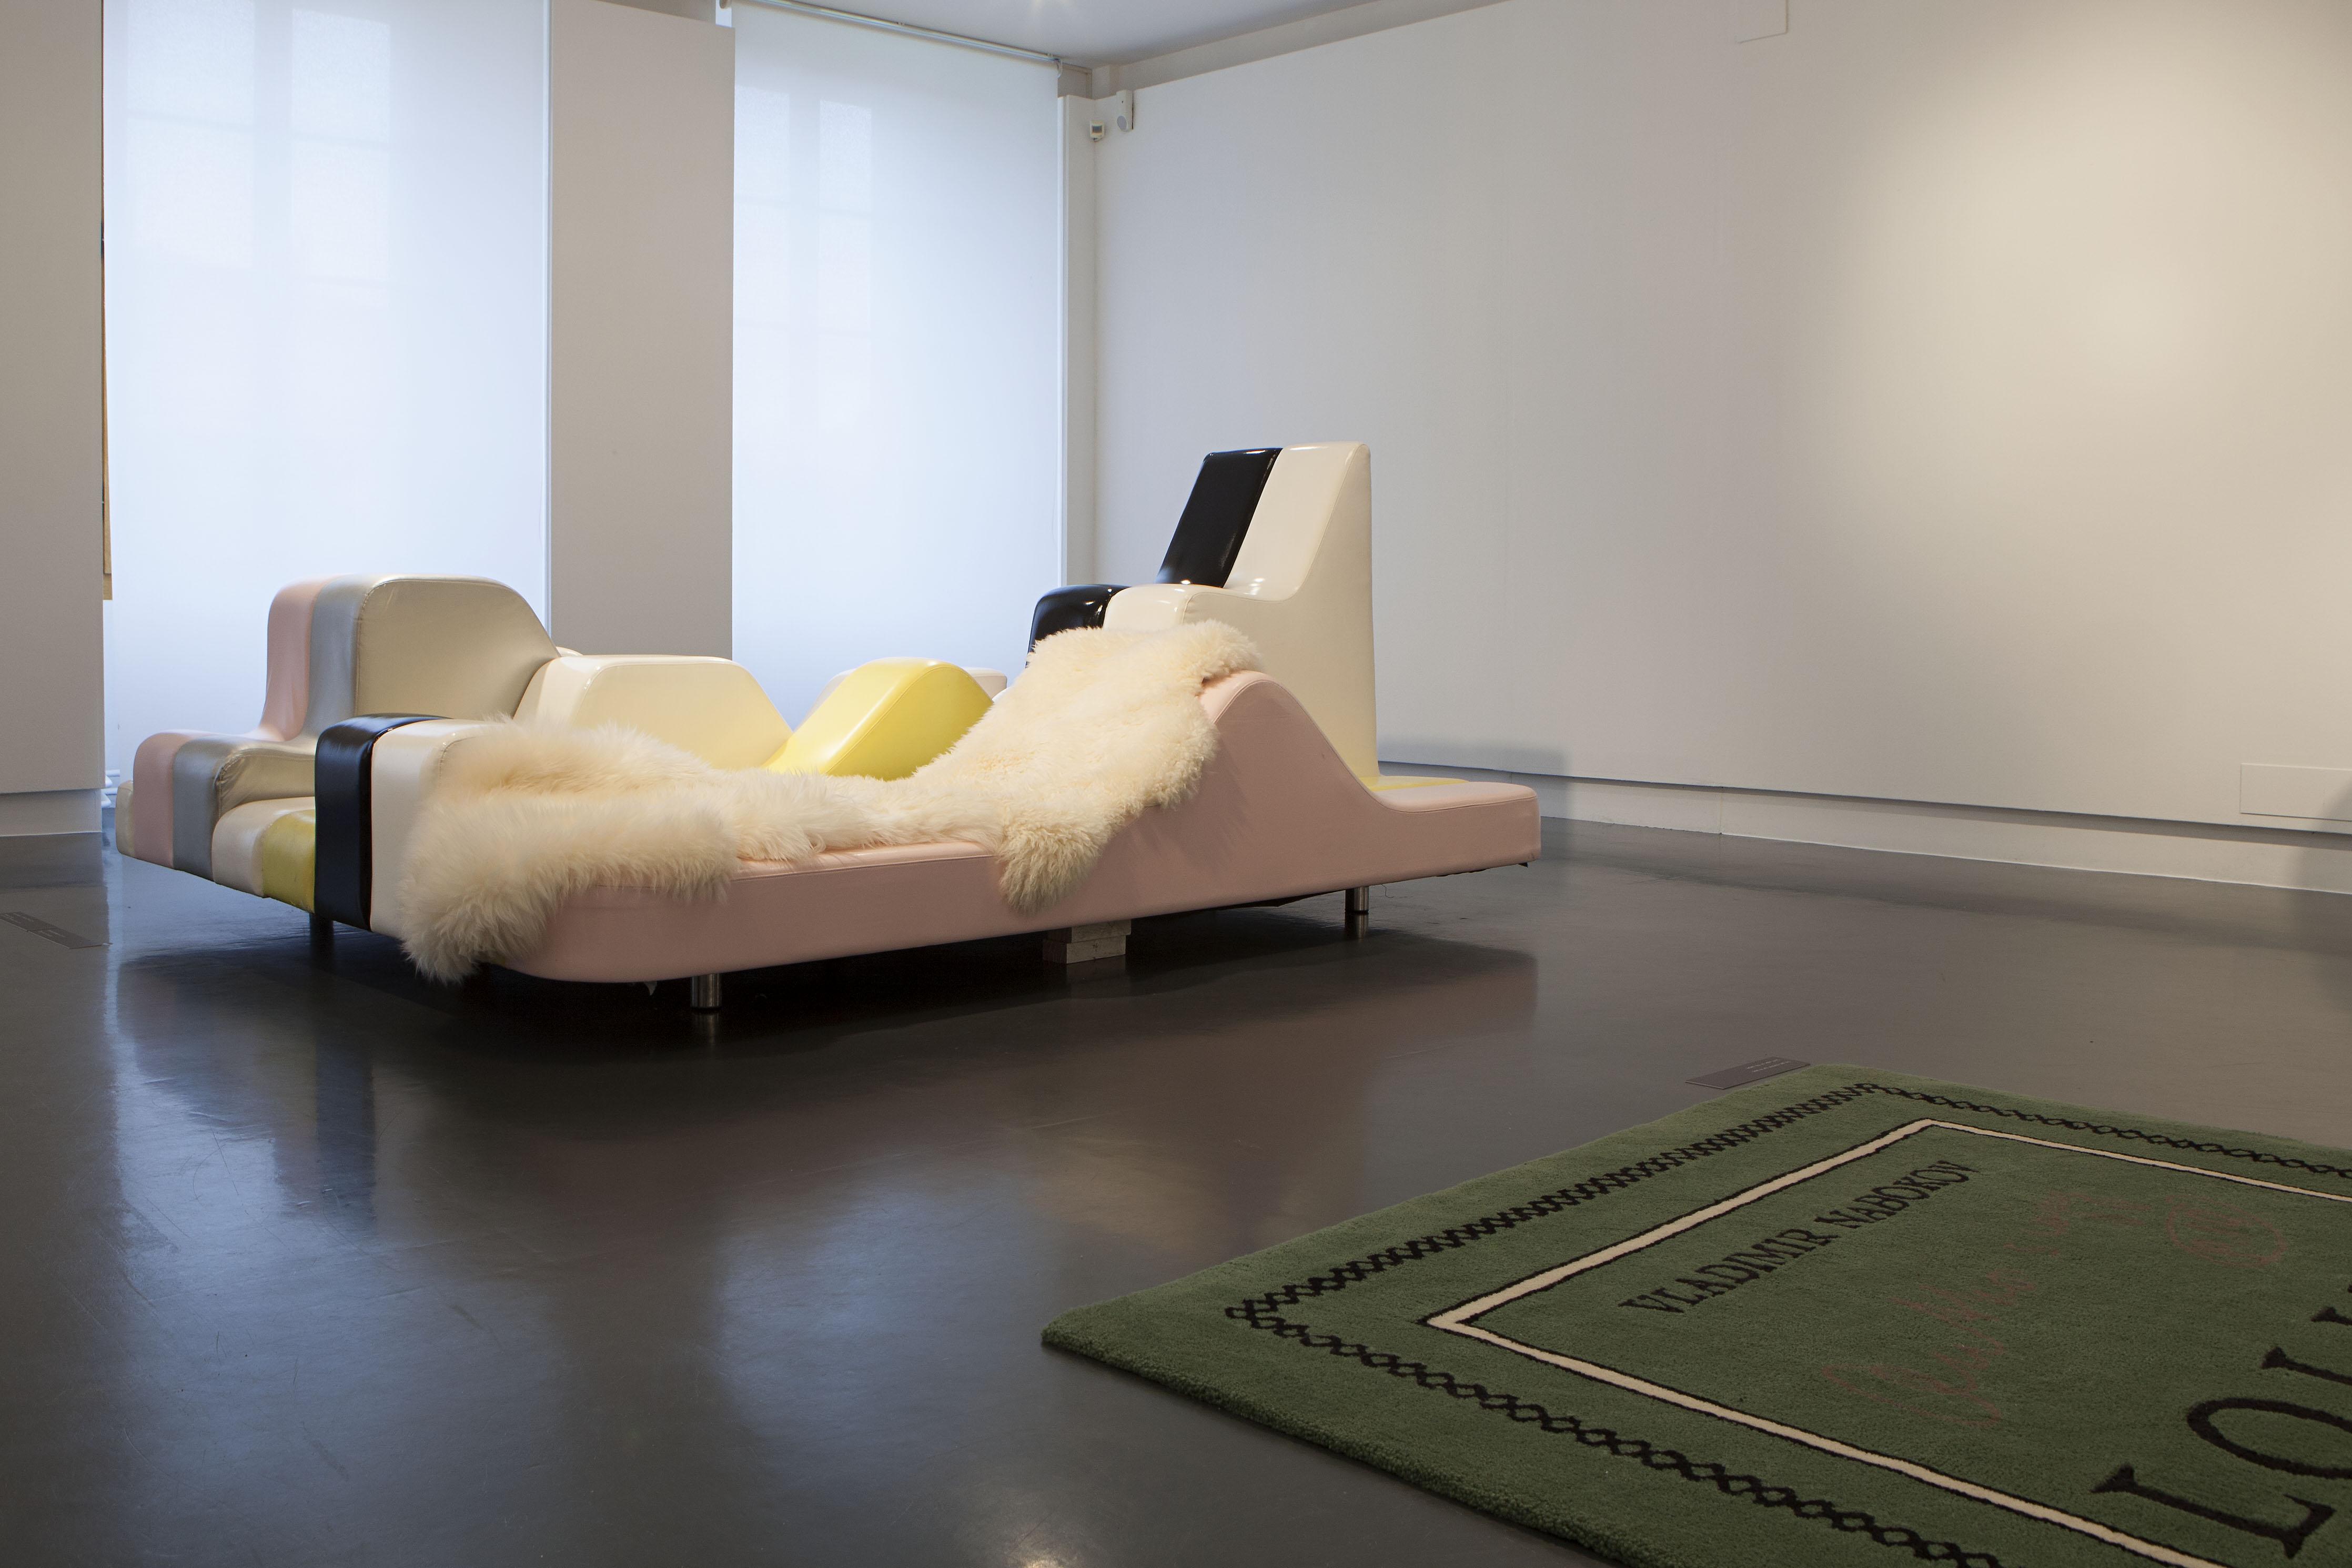 Nirvana: The strange forms of pleasure - MUDAC Musee de design et d'arts appliques contemporains